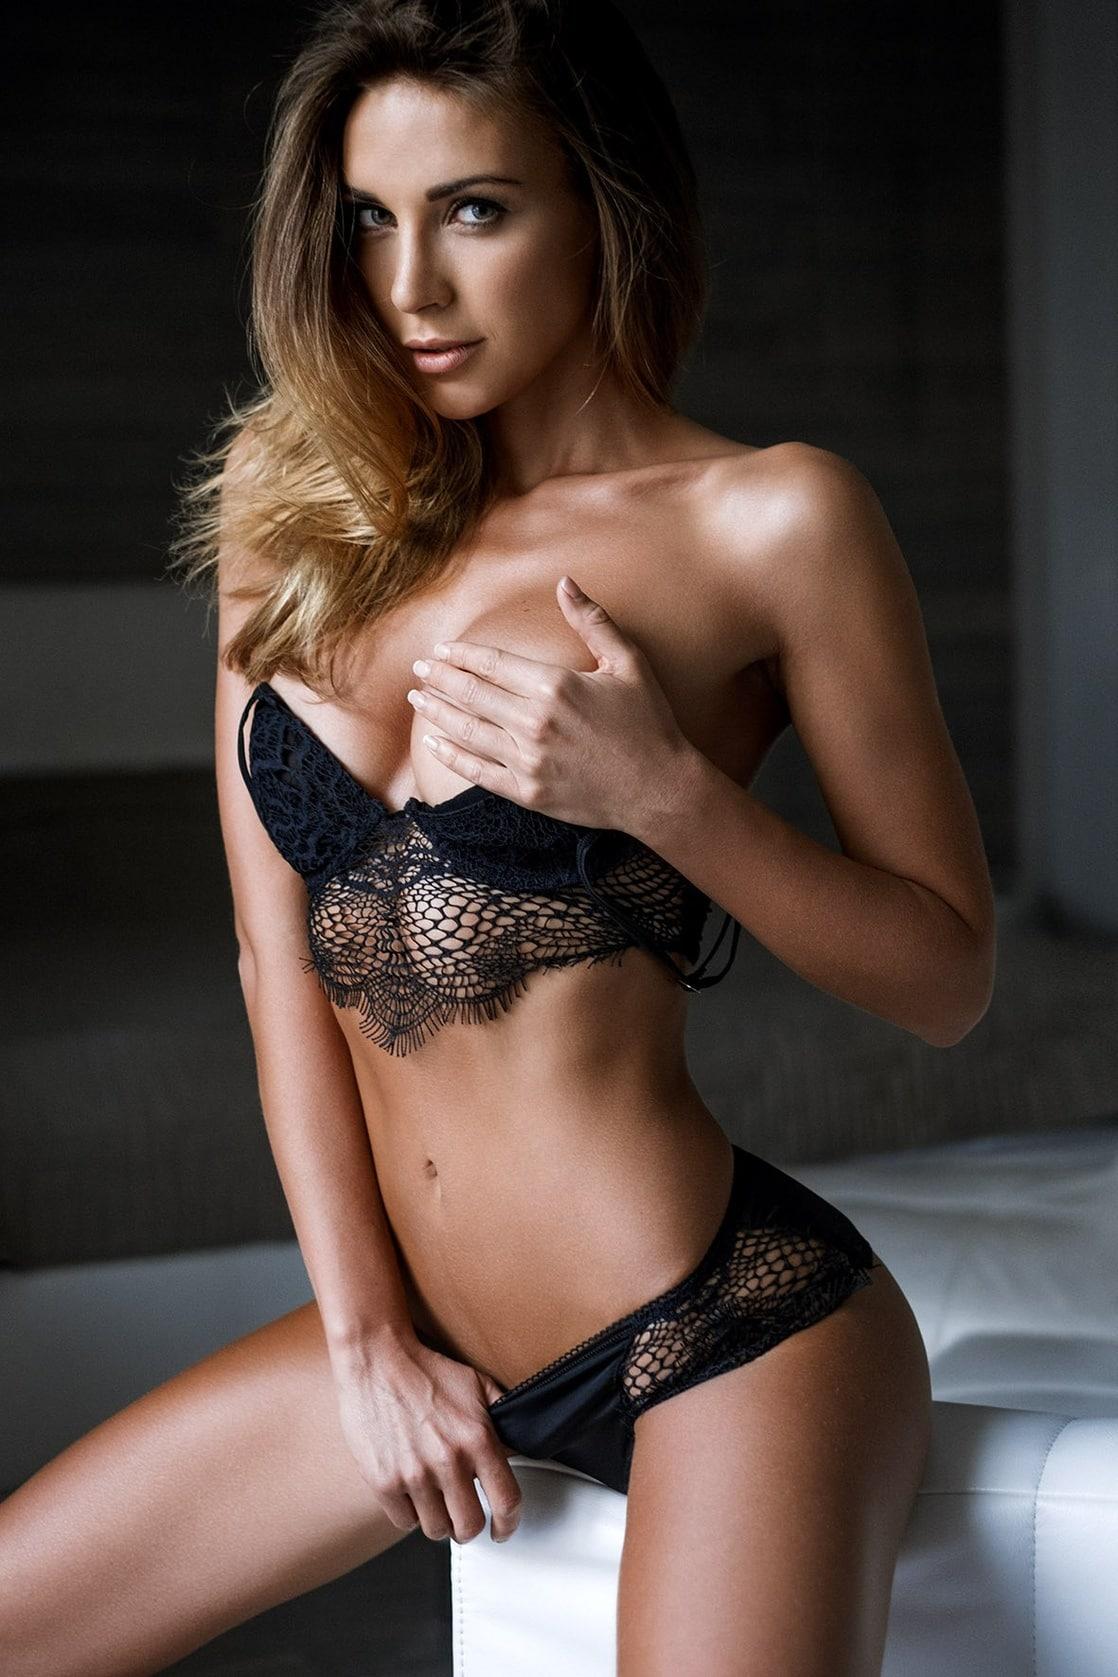 Maria Mezentseva nude photos 2019